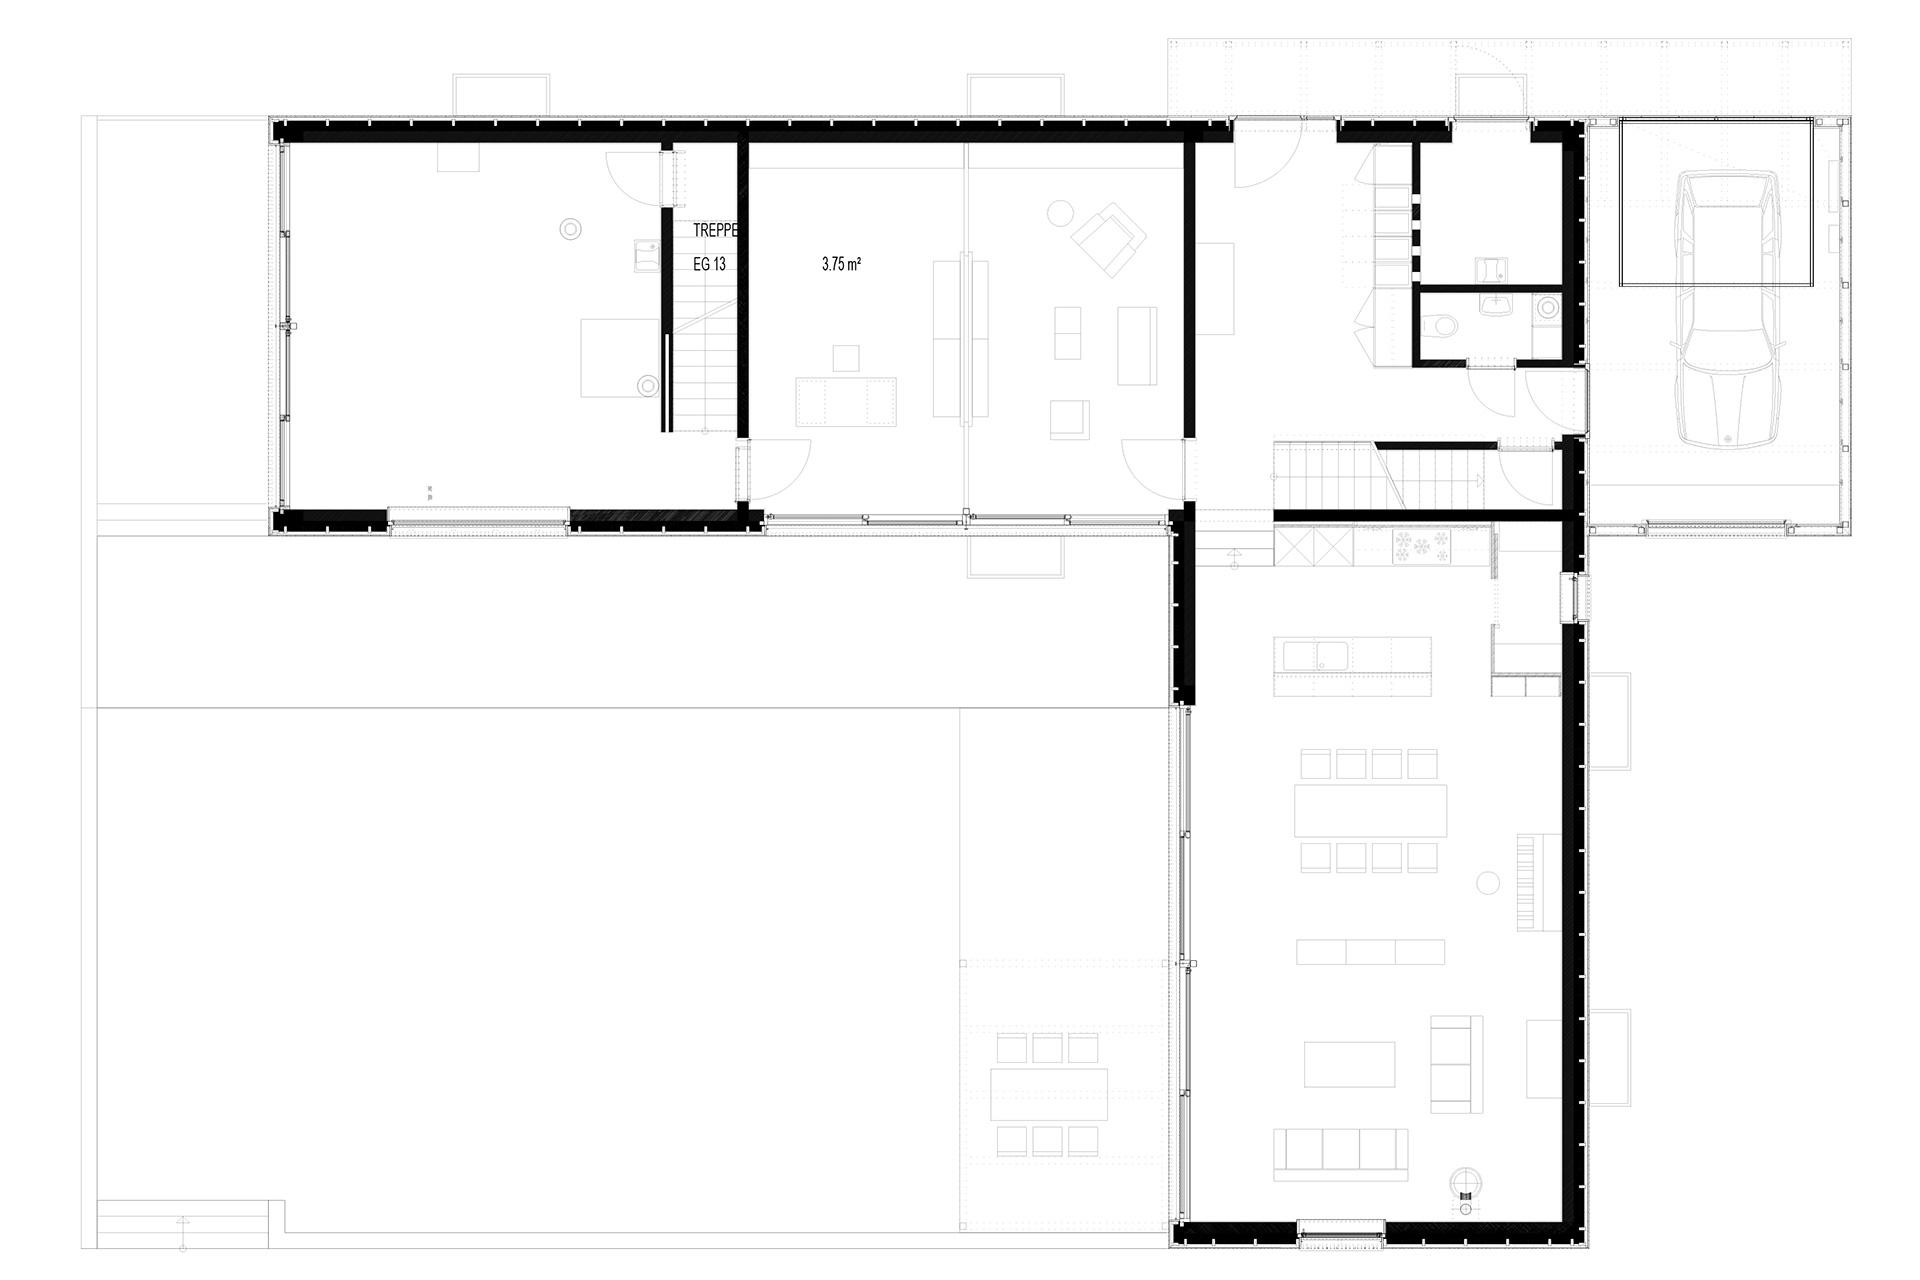 0103-LAUF-Erdgeschoss-sw-100